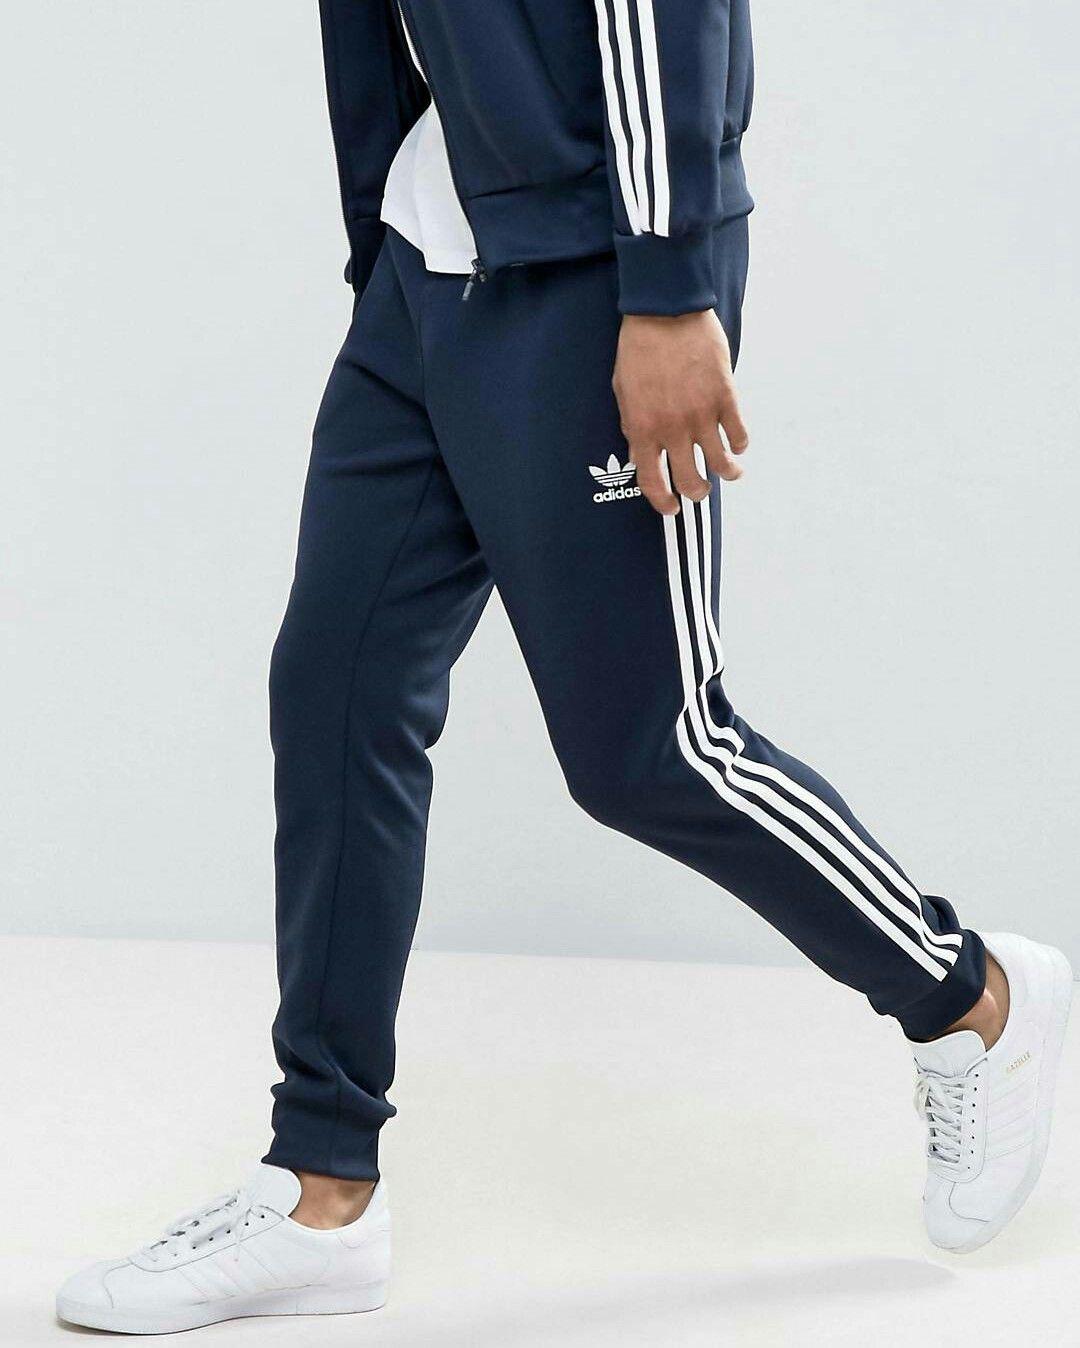 pantalon de survetement homme adidas